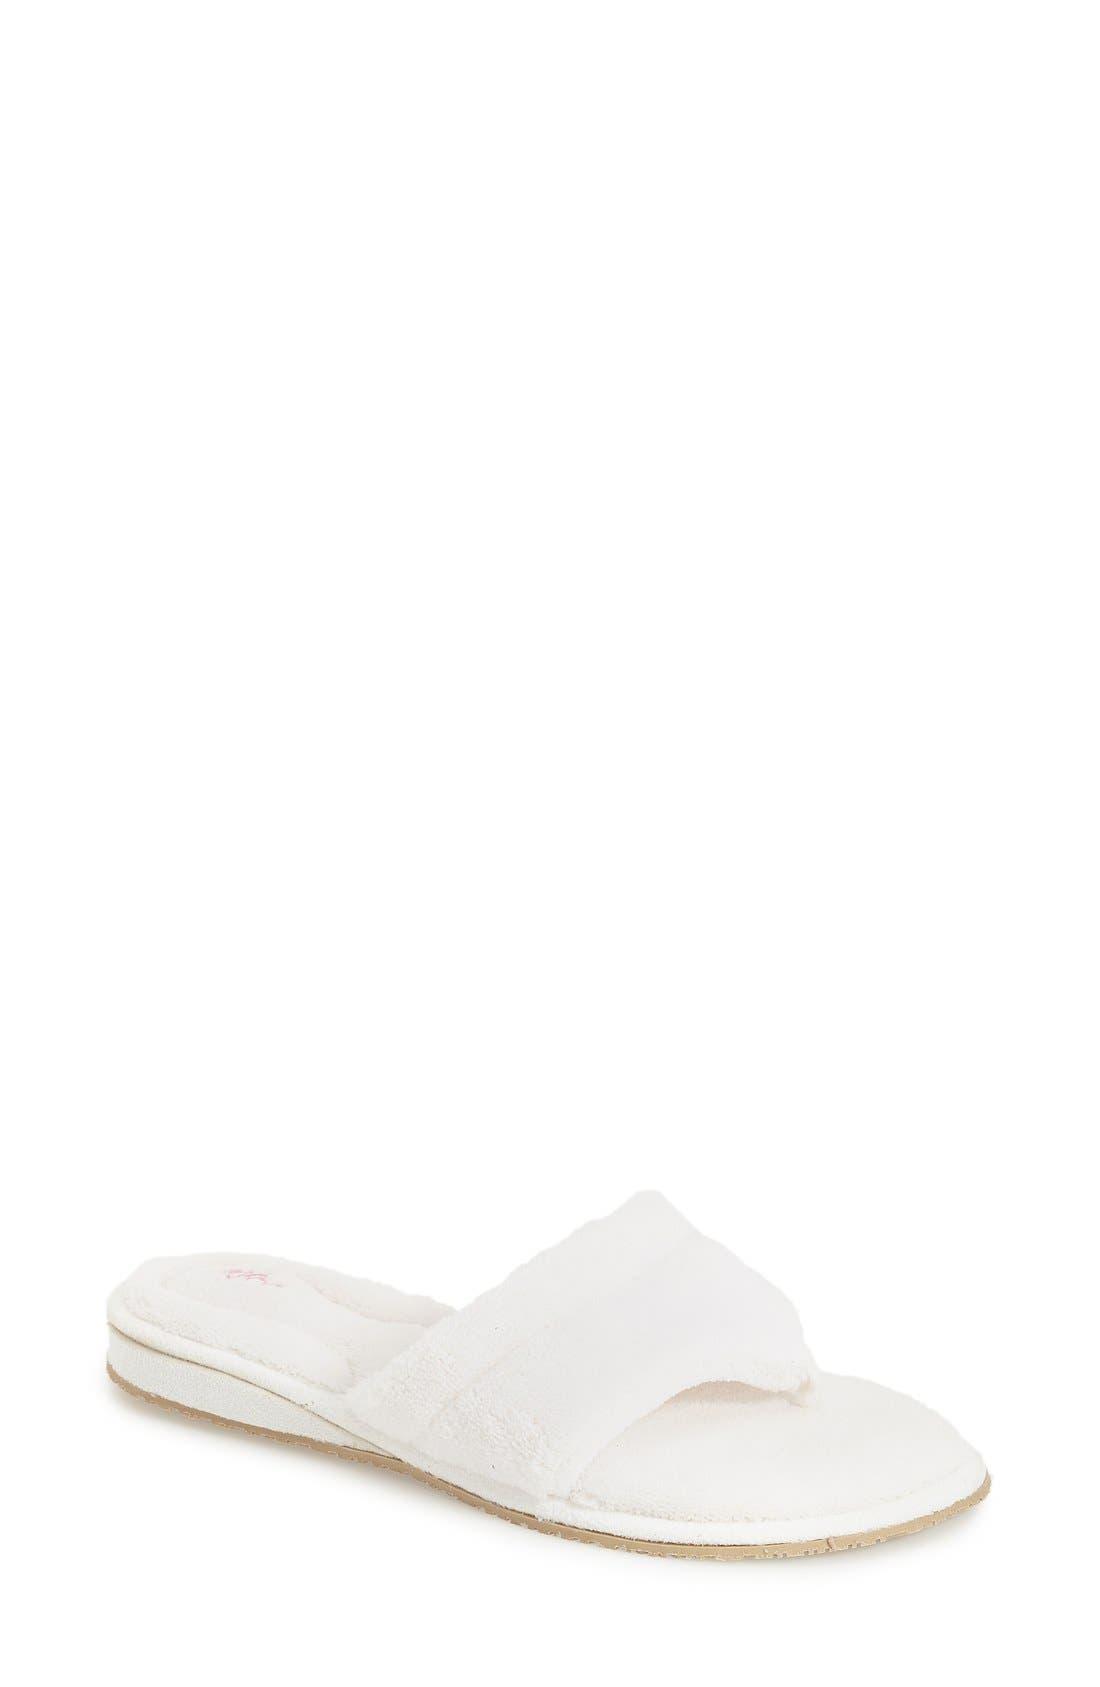 'Splash' Slipper,                         Main,                         color, WHITE